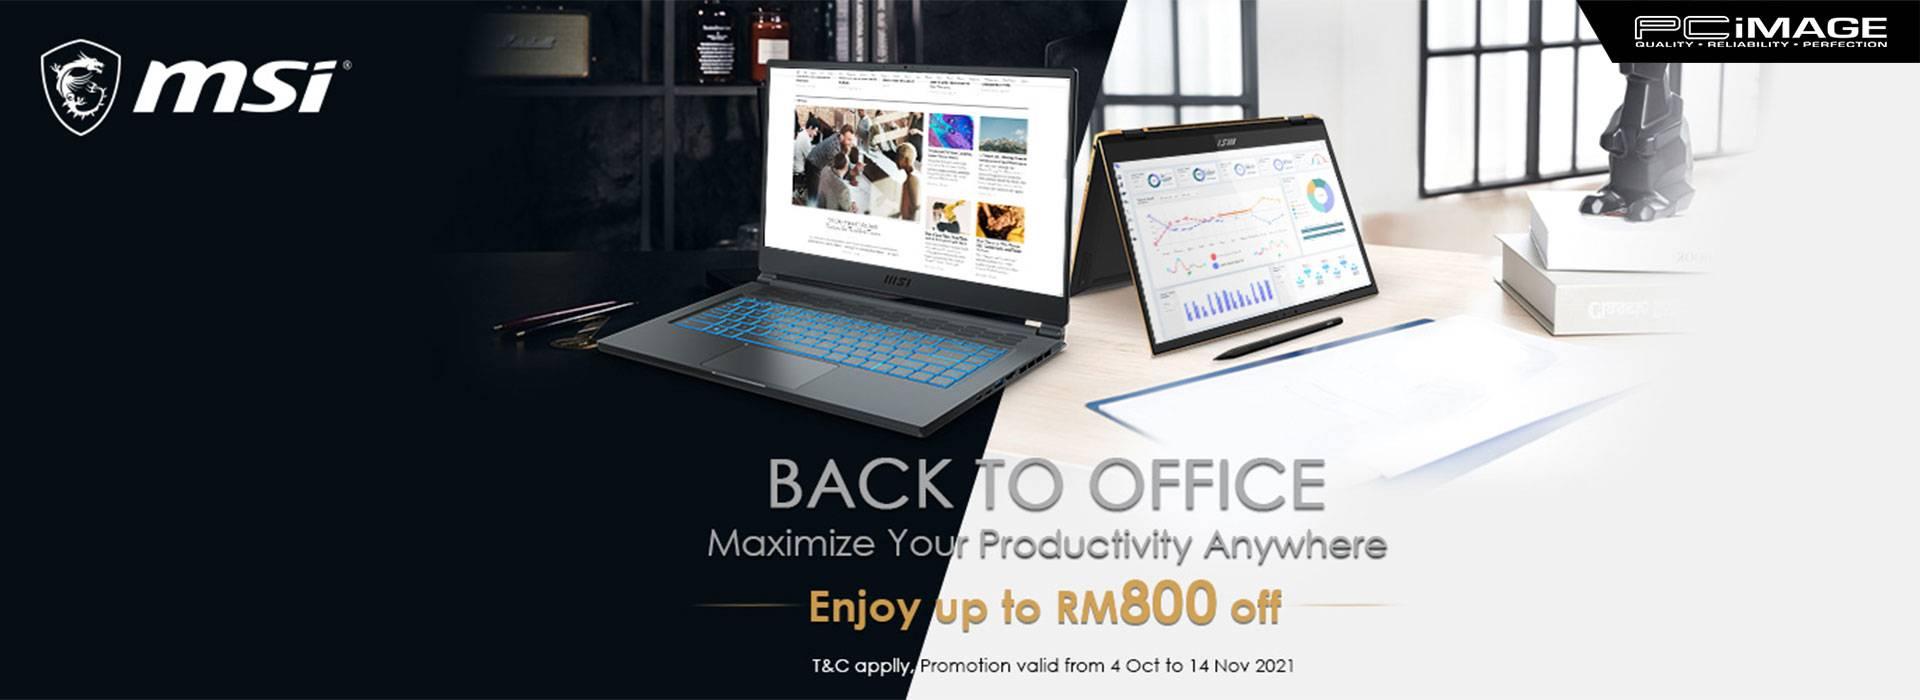 Msi Back to Office Promo 15 Nov